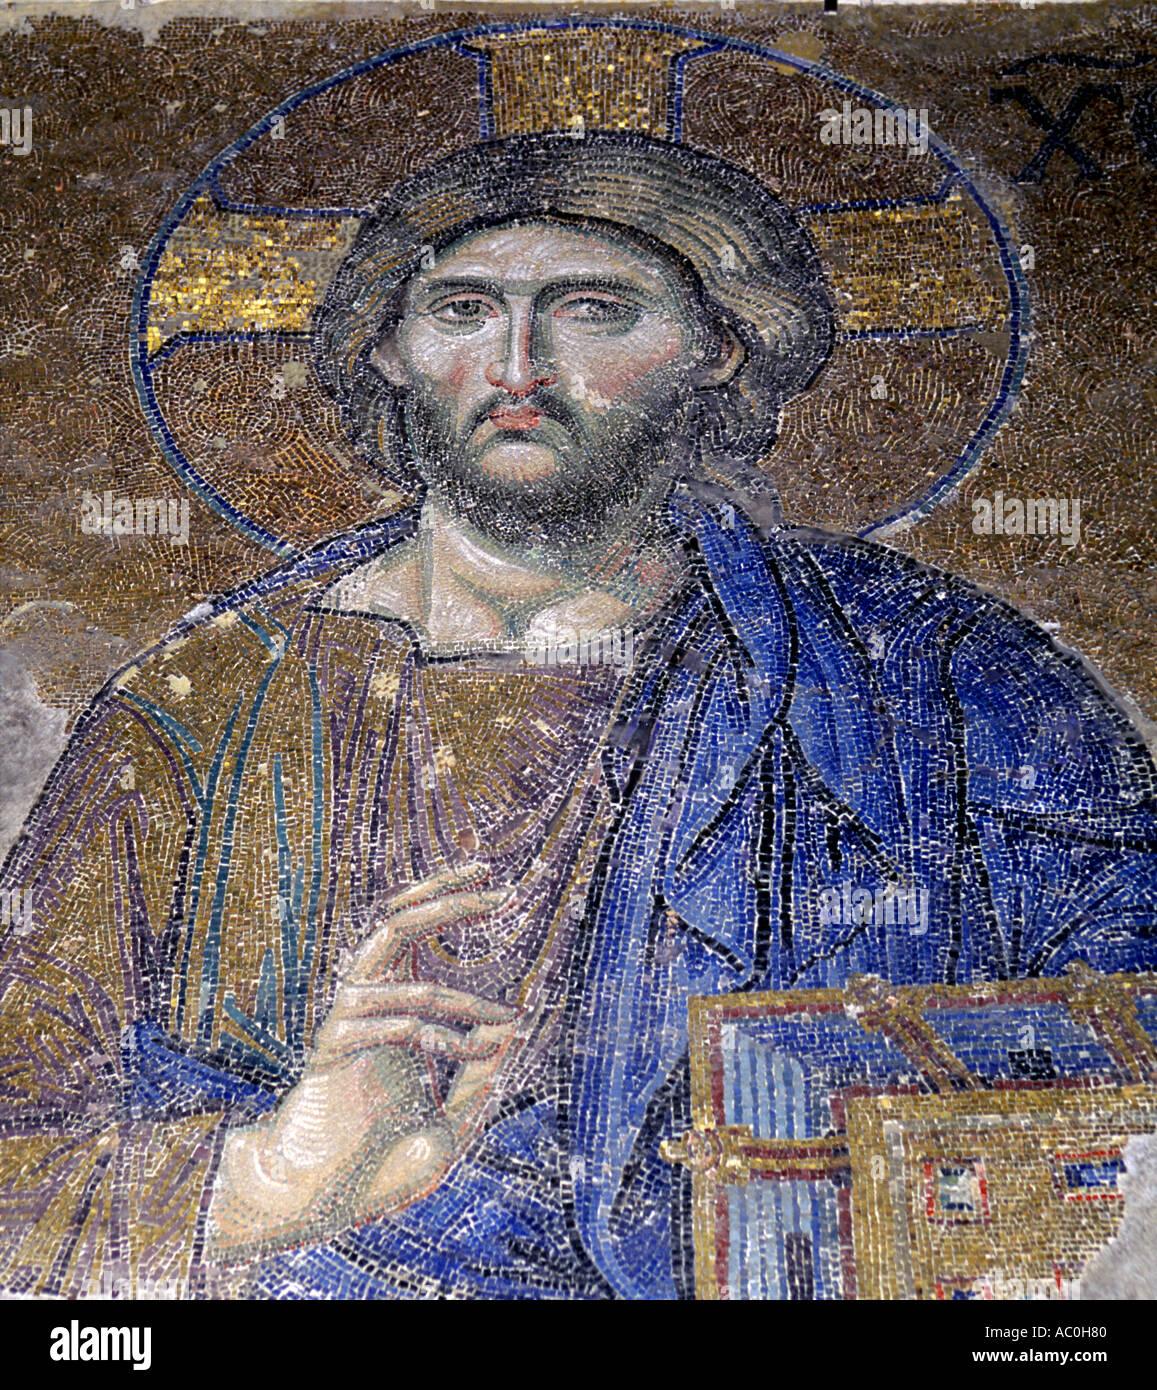 Cristo la regla Pantokrator mosaico Hagia Sophia Estambul Turquia Foto de stock